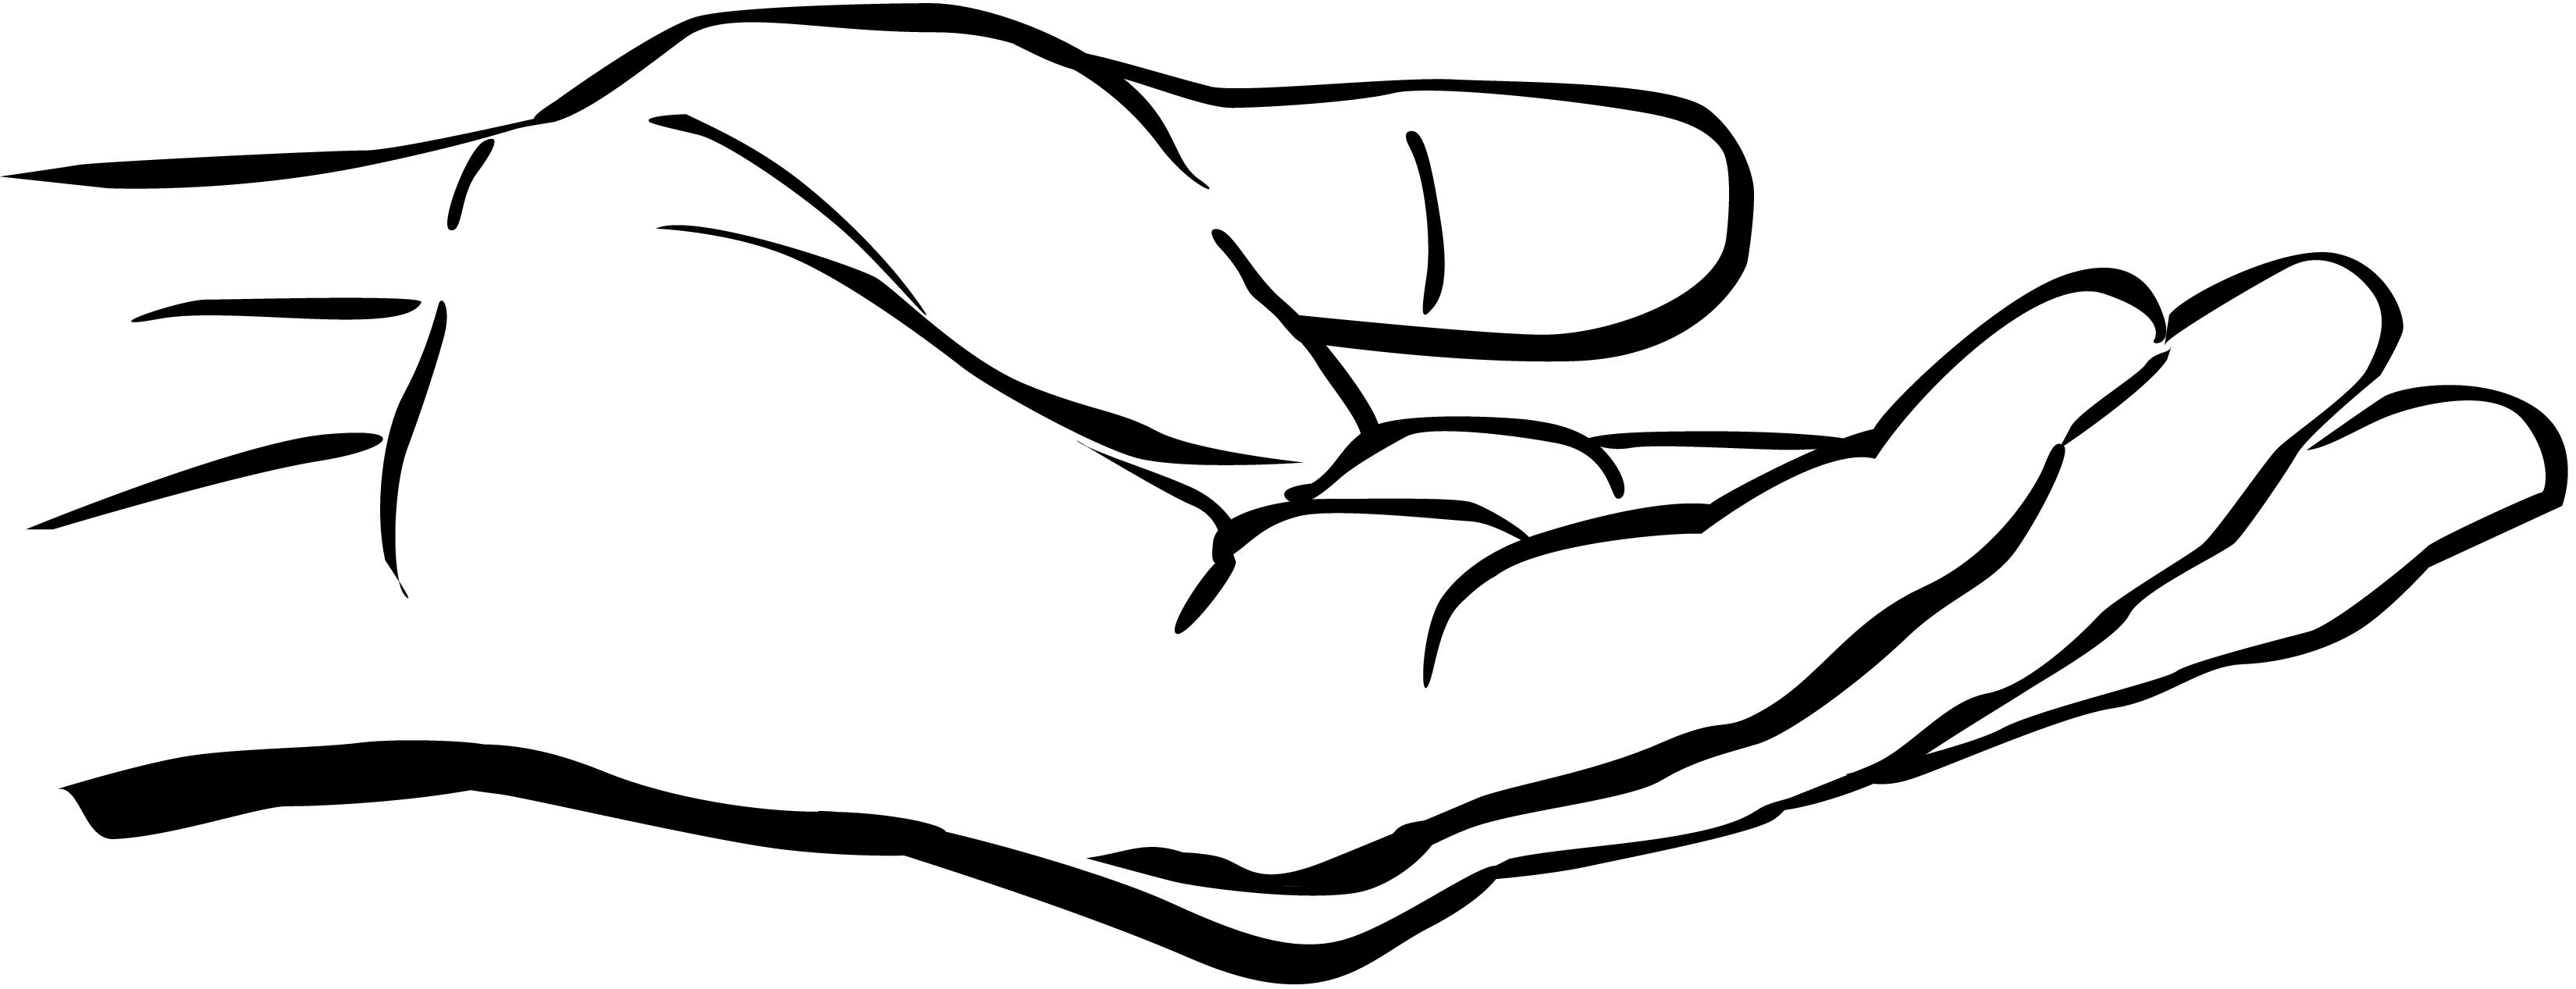 God Clip Art U0026middot; Hand Clipart-God Clip Art u0026middot; hand clipart-2